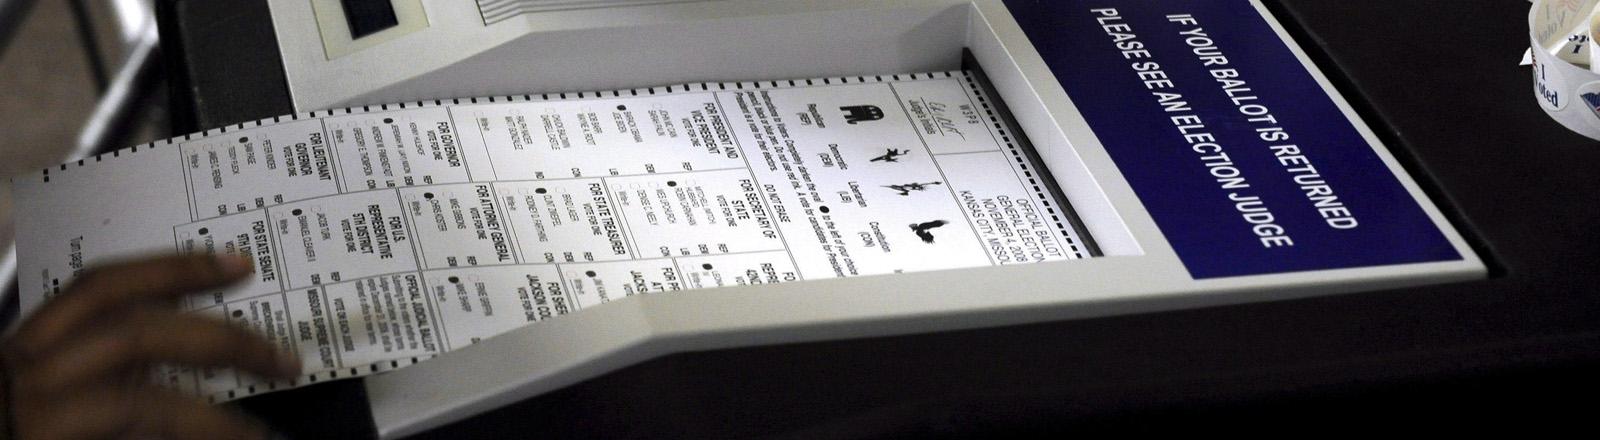 Ein Wahlcomputer bei der US-Wahl 2008 in Kansas City, Missouri